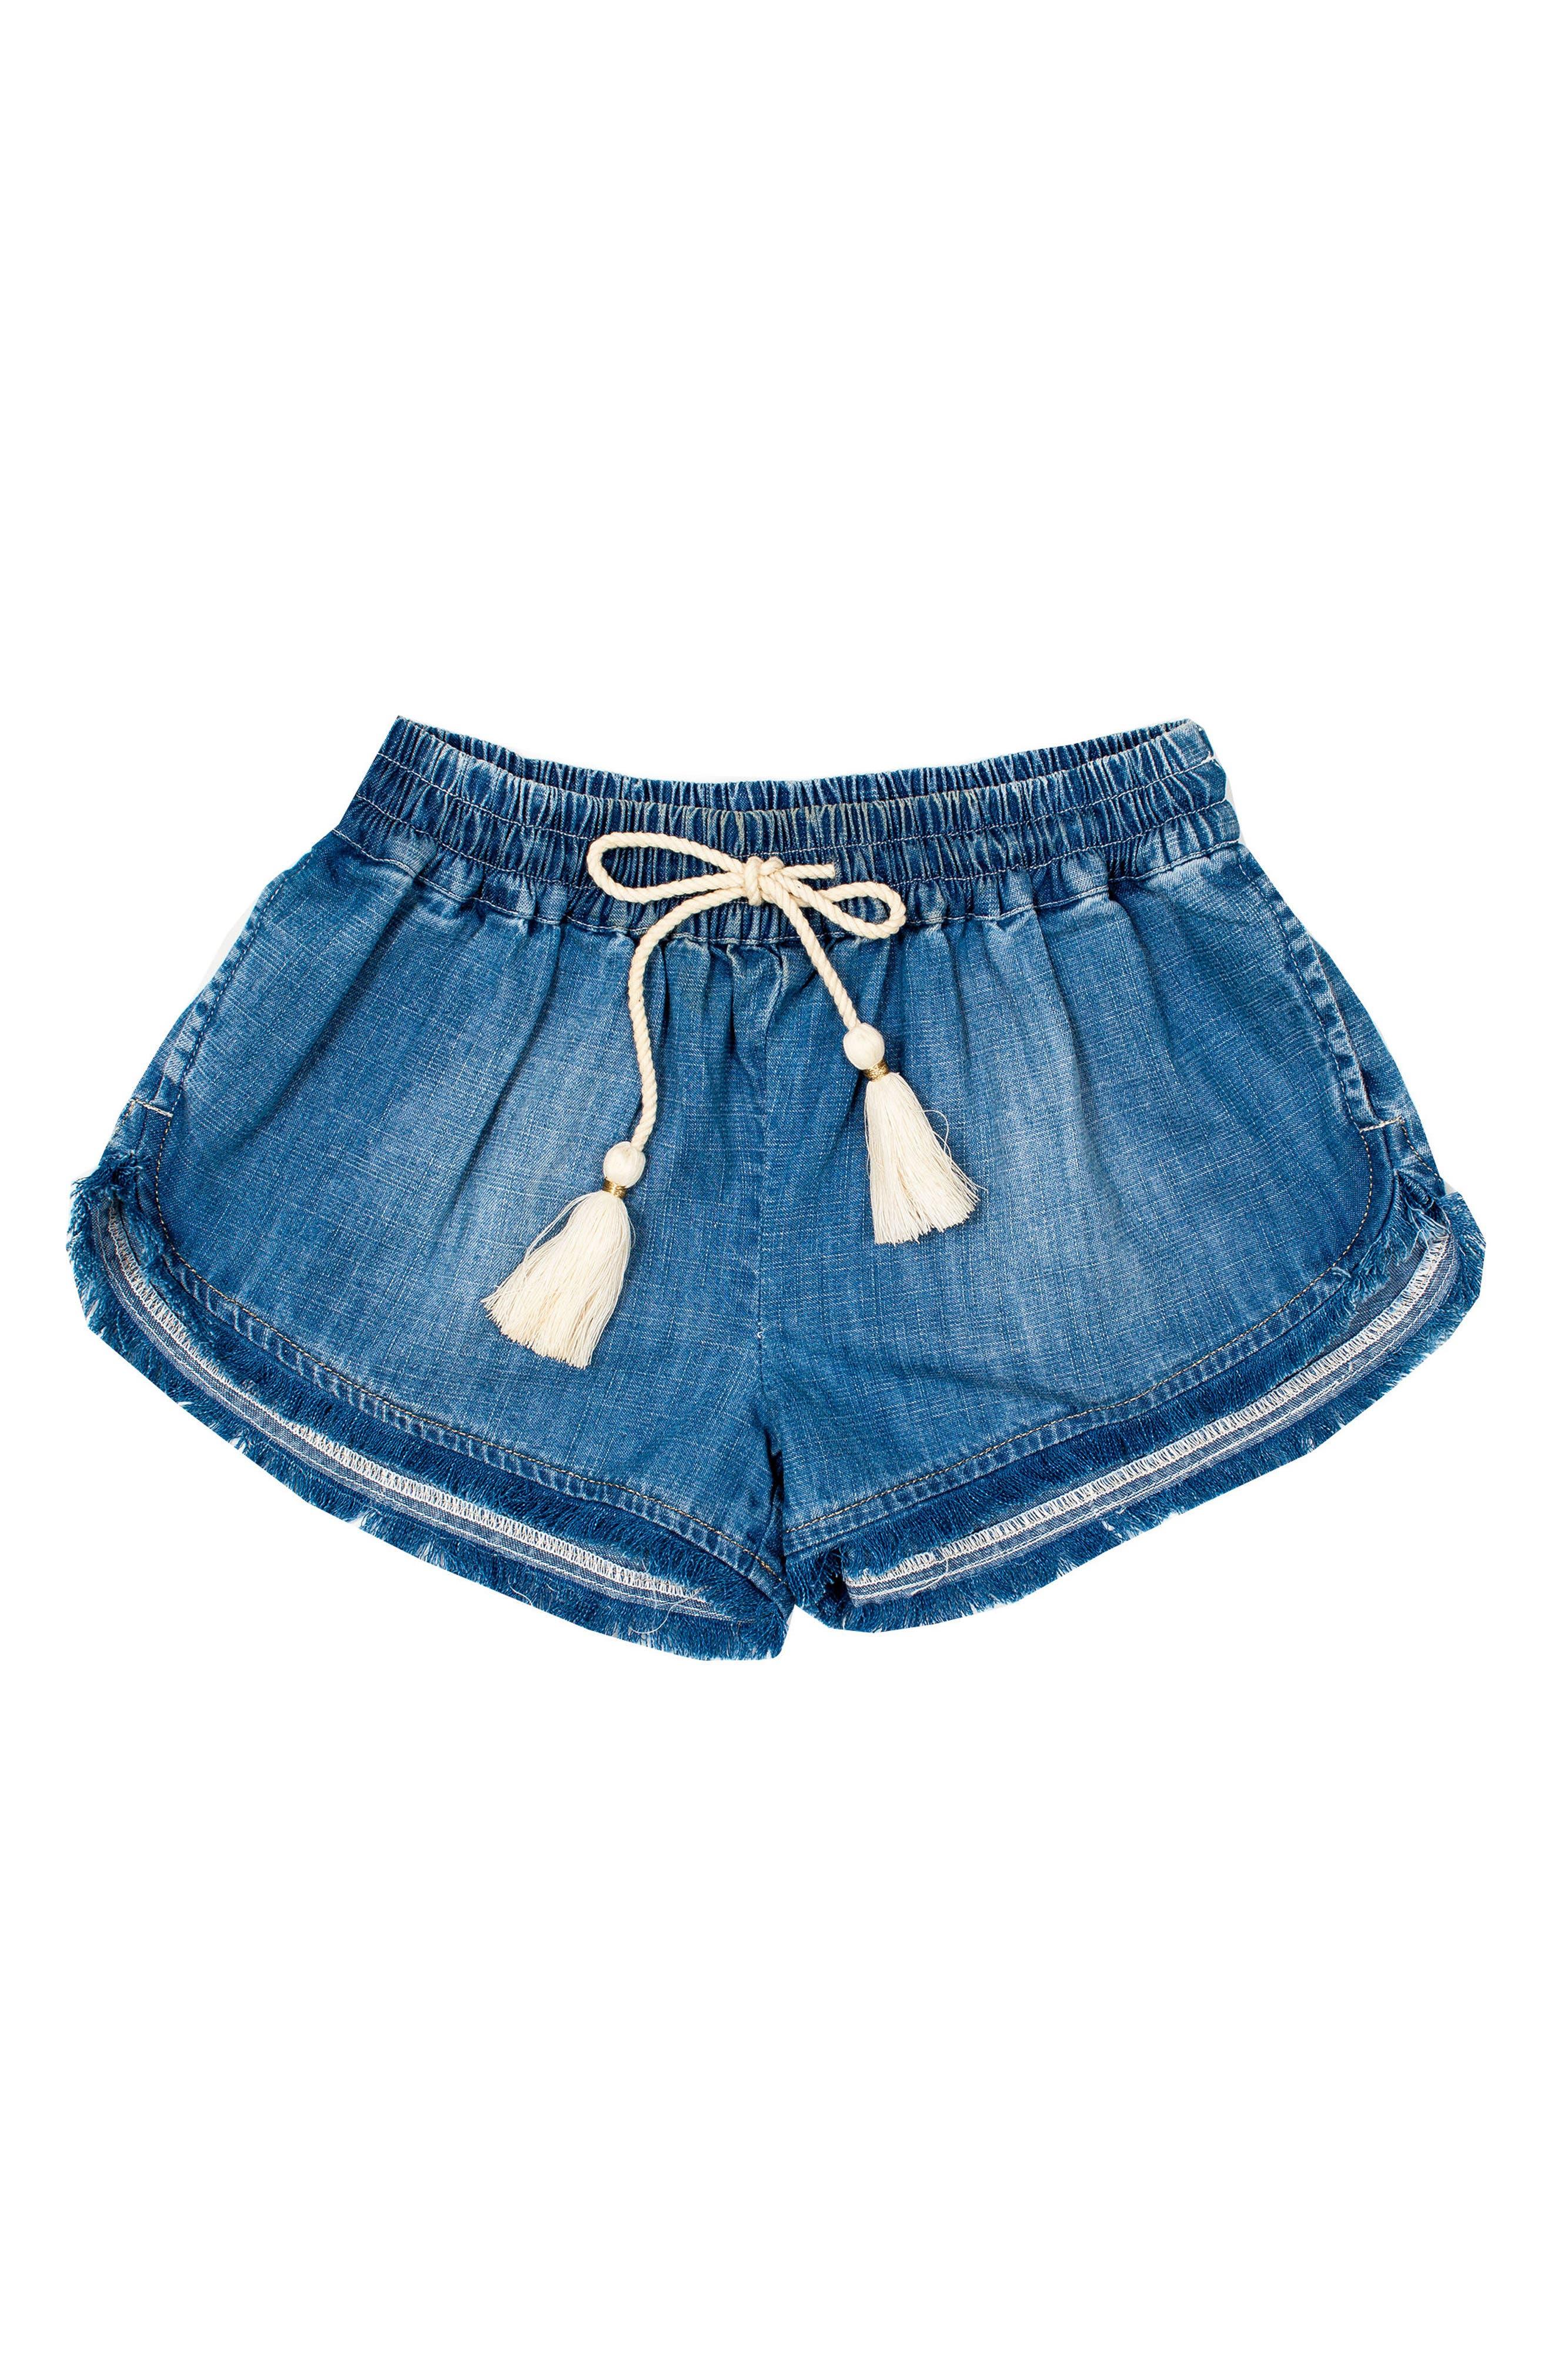 Frayed Denim Shorts,                             Main thumbnail 1, color,                             DENIM